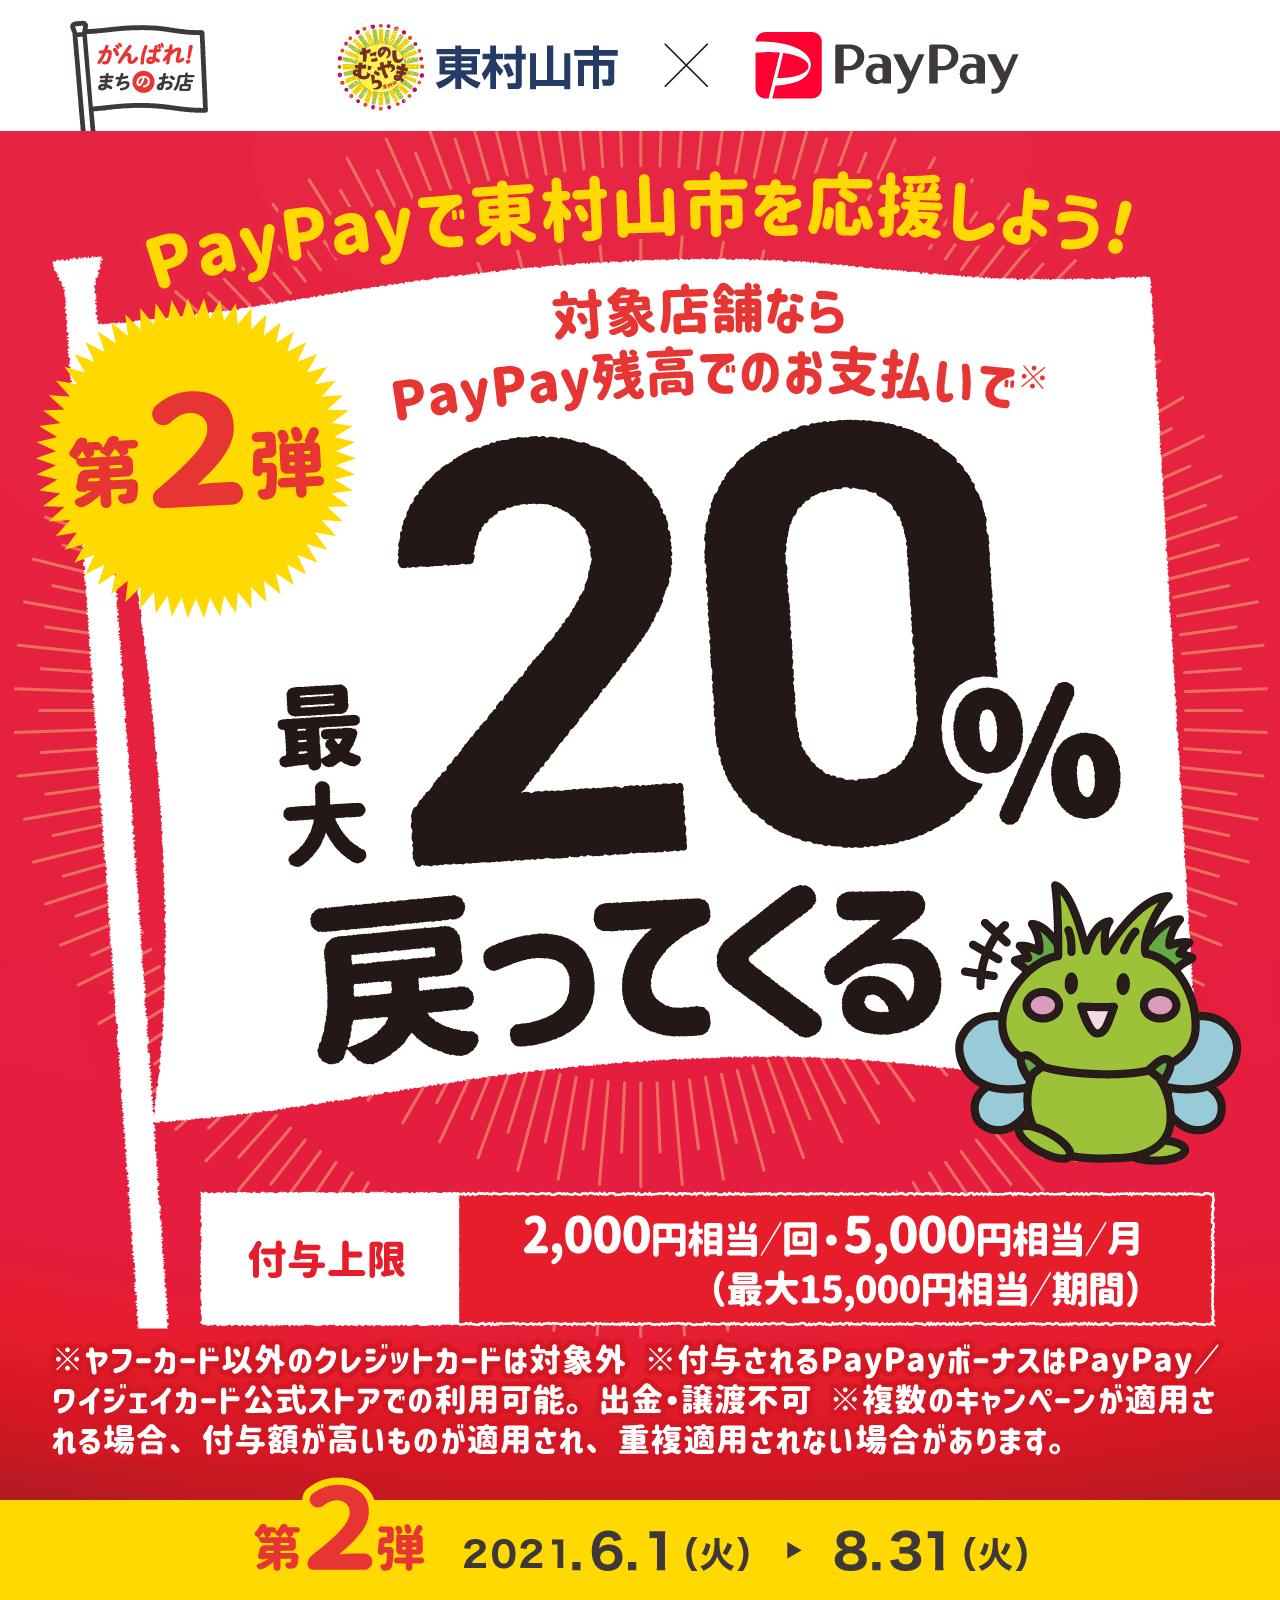 PayPayで東村山市を応援しよう!第2弾 対象店舗ならPayPay残高でのお支払いで最大20%戻ってくる